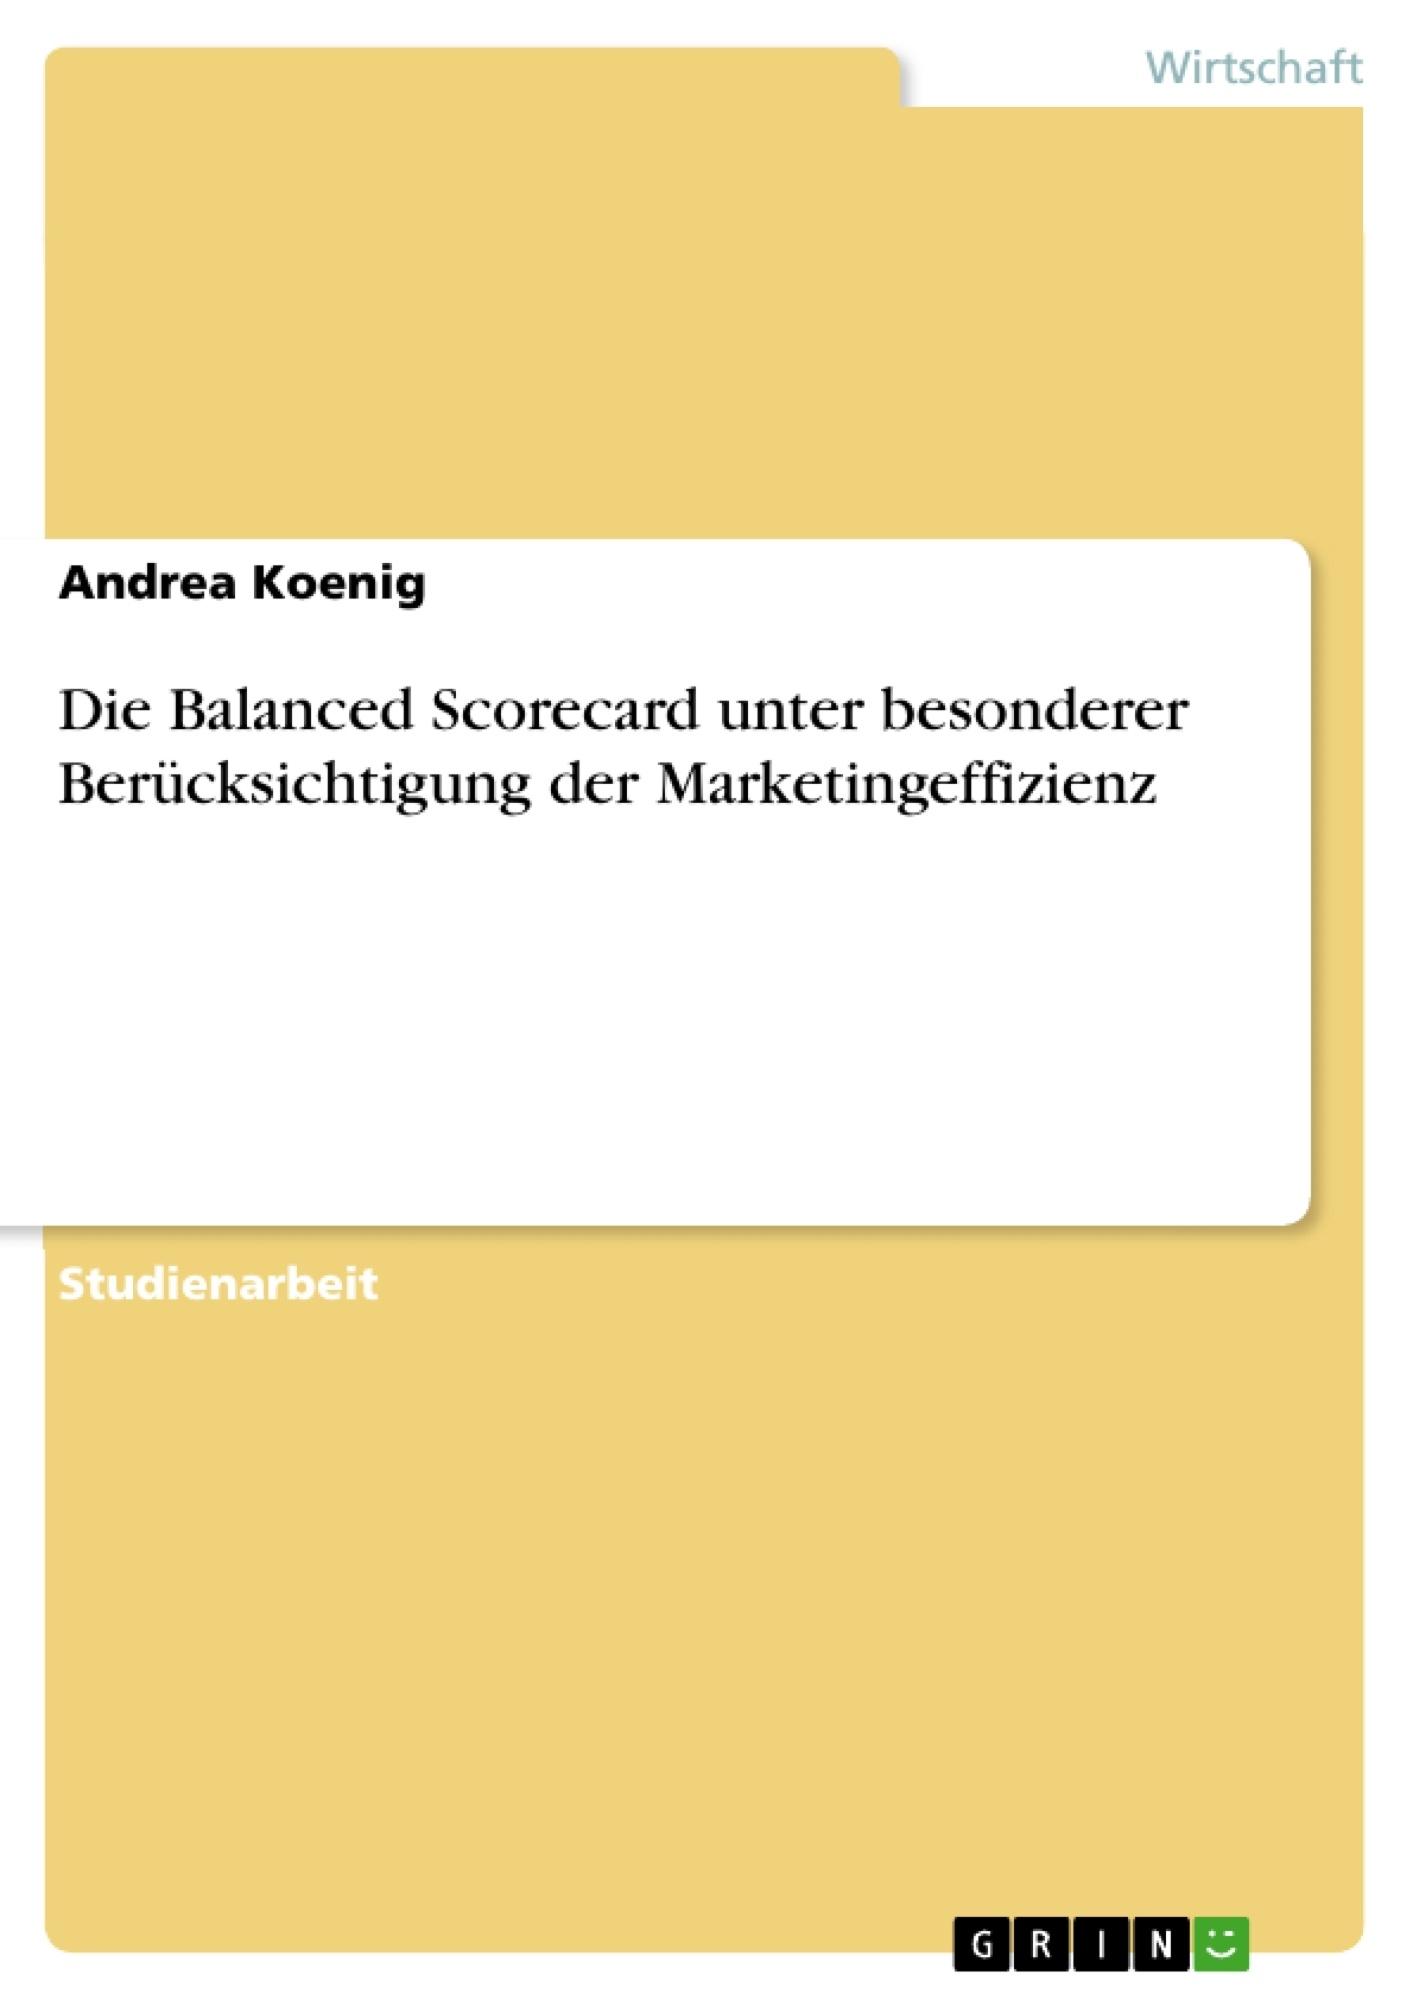 Titel: Die Balanced Scorecard unter besonderer Berücksichtigung der Marketingeffizienz